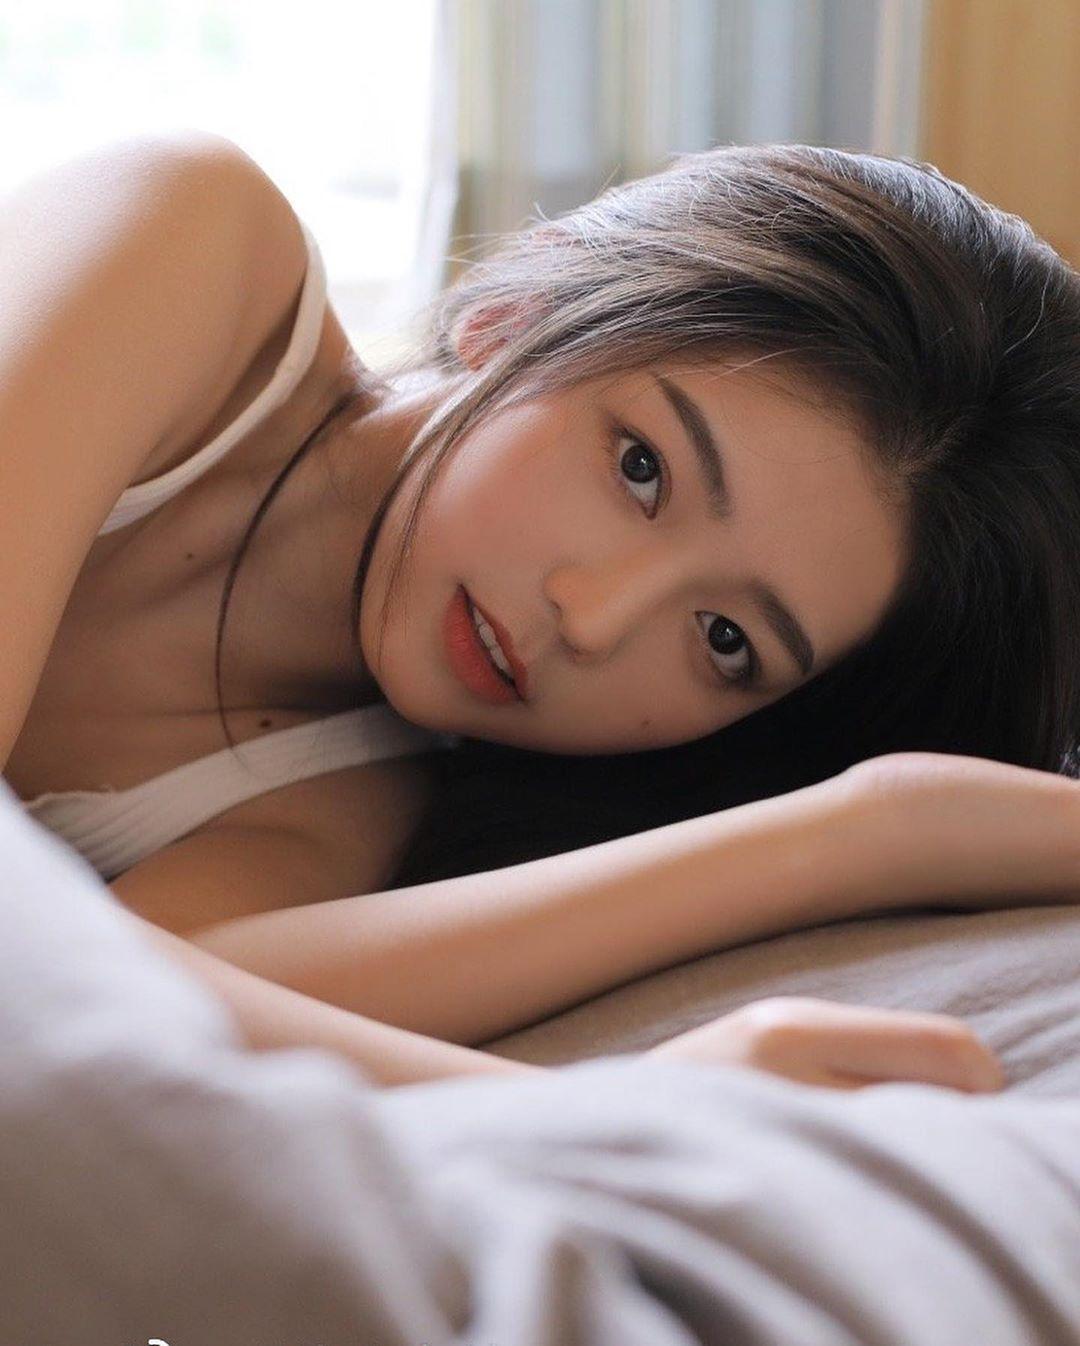 宅男社福利图片周刊[第51期]愿高考顺利!爱看资源网整理发布www.qqloser.com